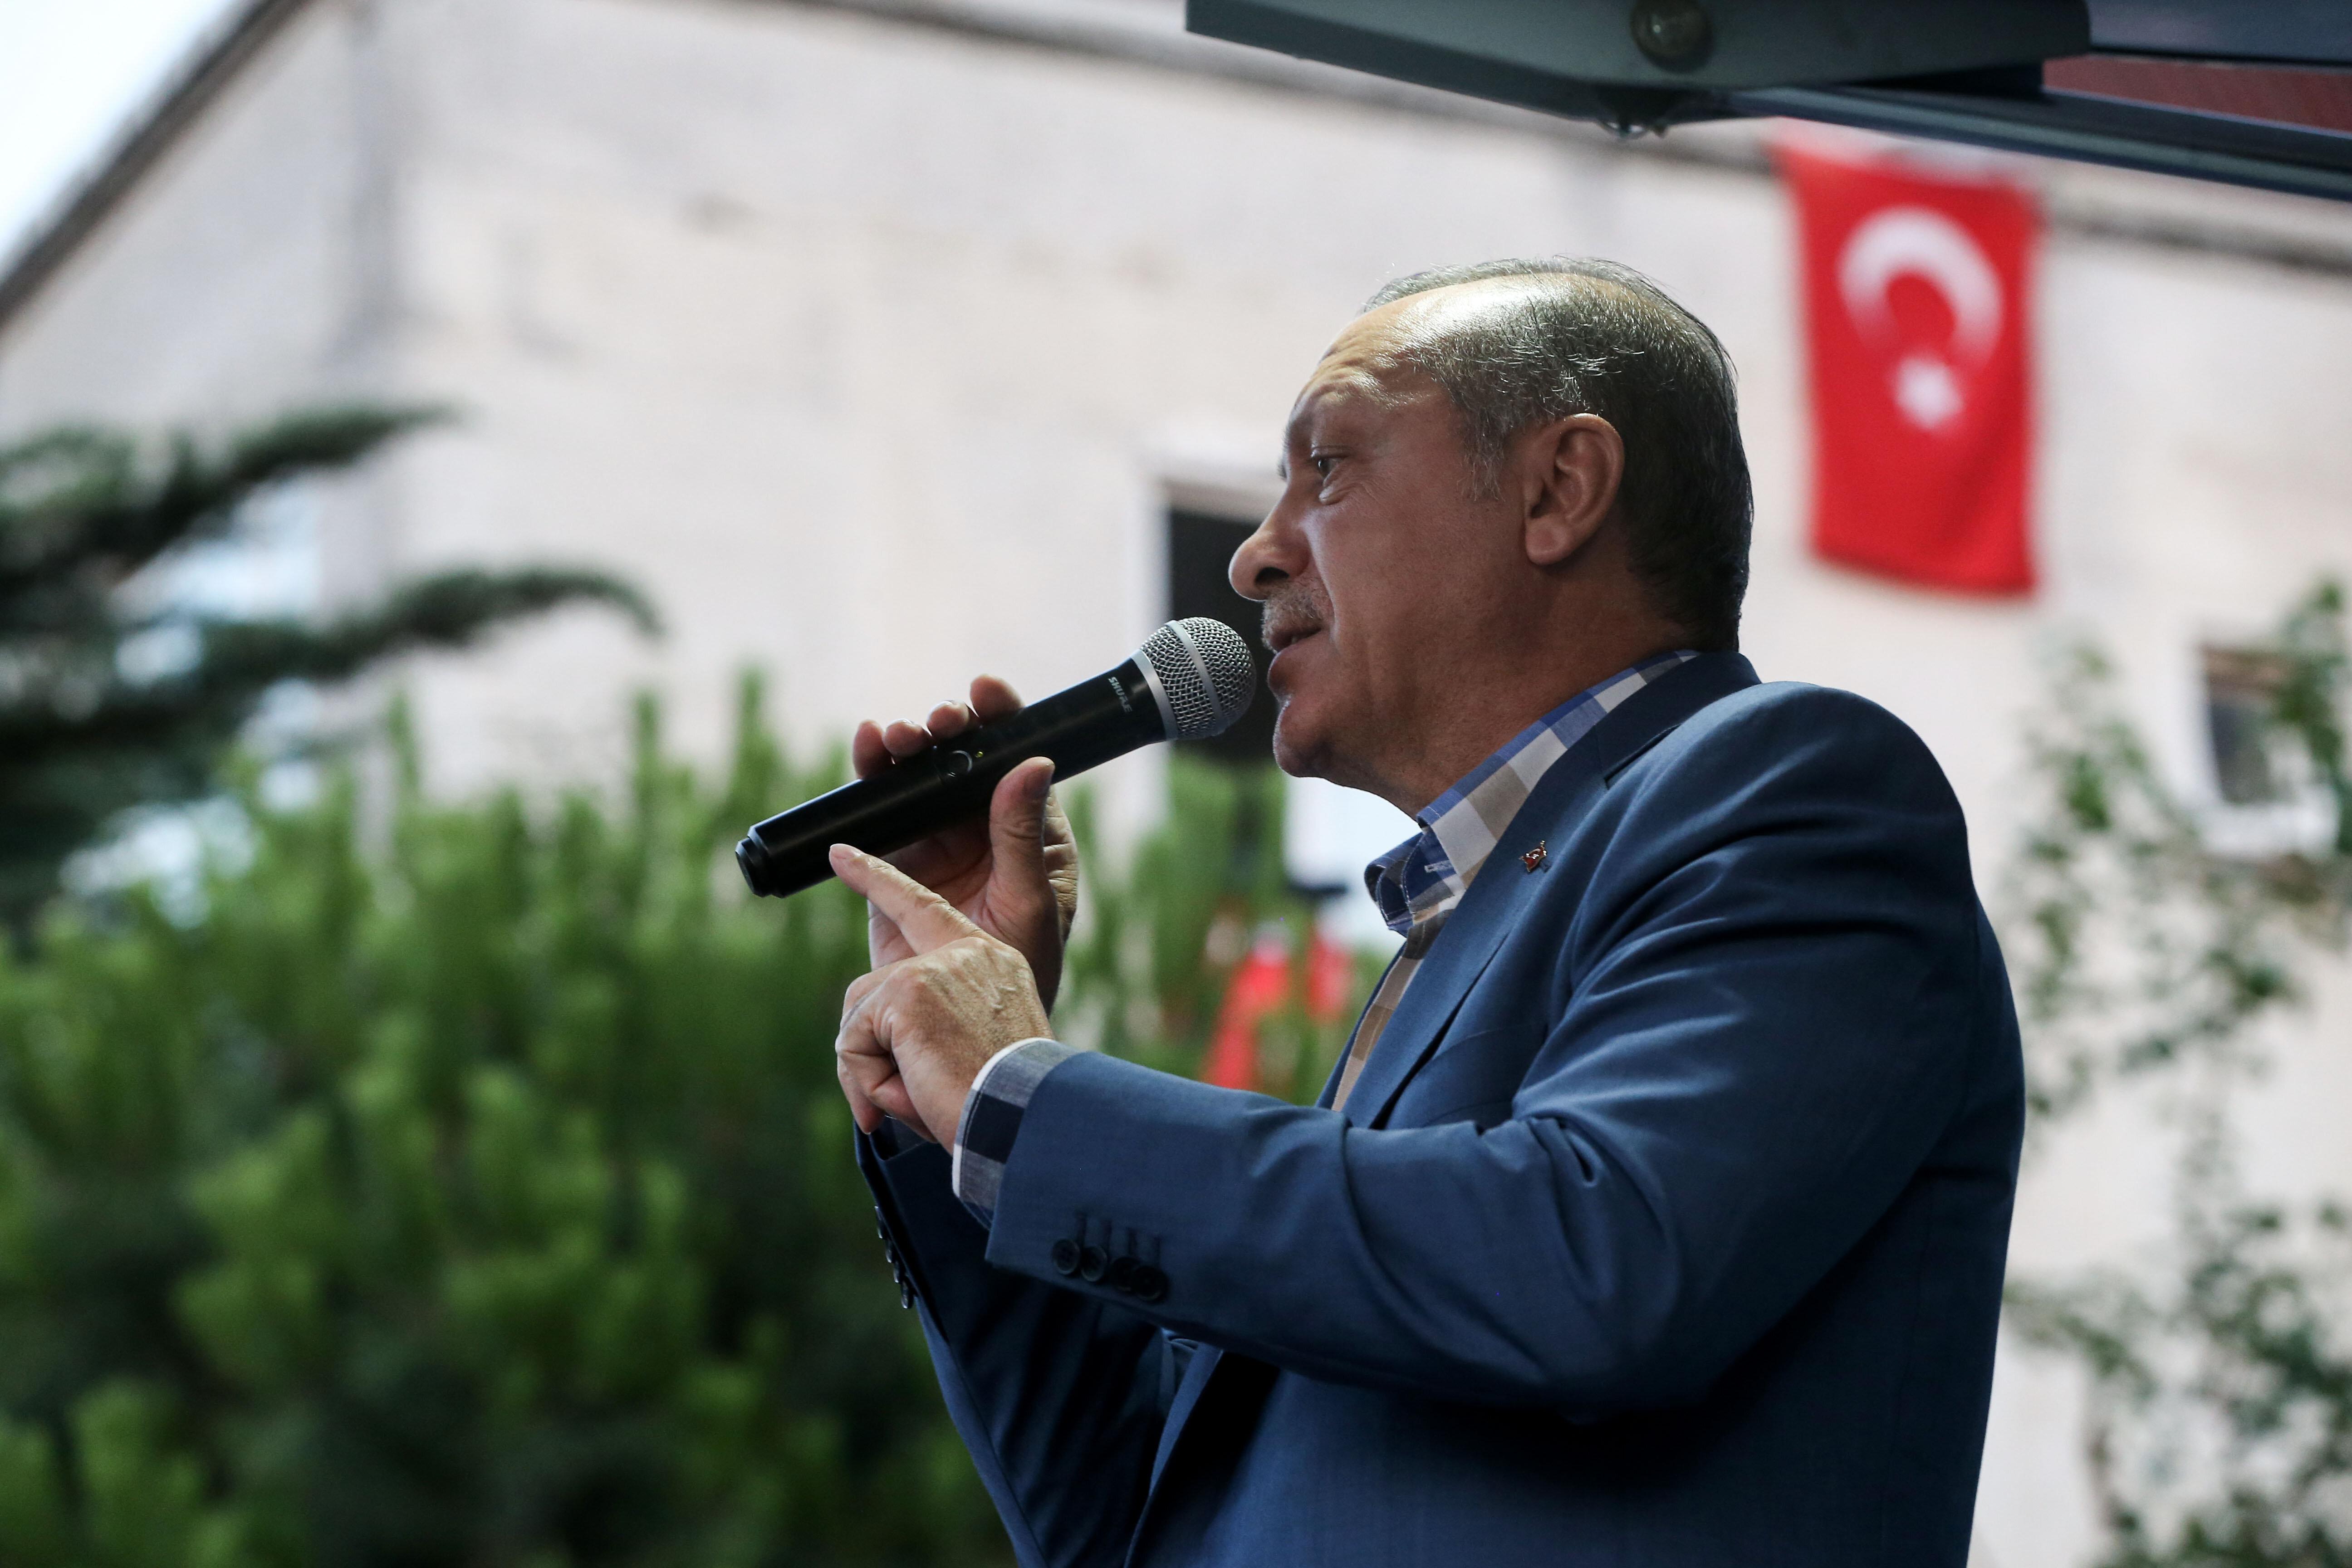 Cumhurbaşkanı Recep Tayyip Erdoğan, Türkiye'nin  Paralel Devlet Yapılanması'ndan çok çektiğini belirterek,